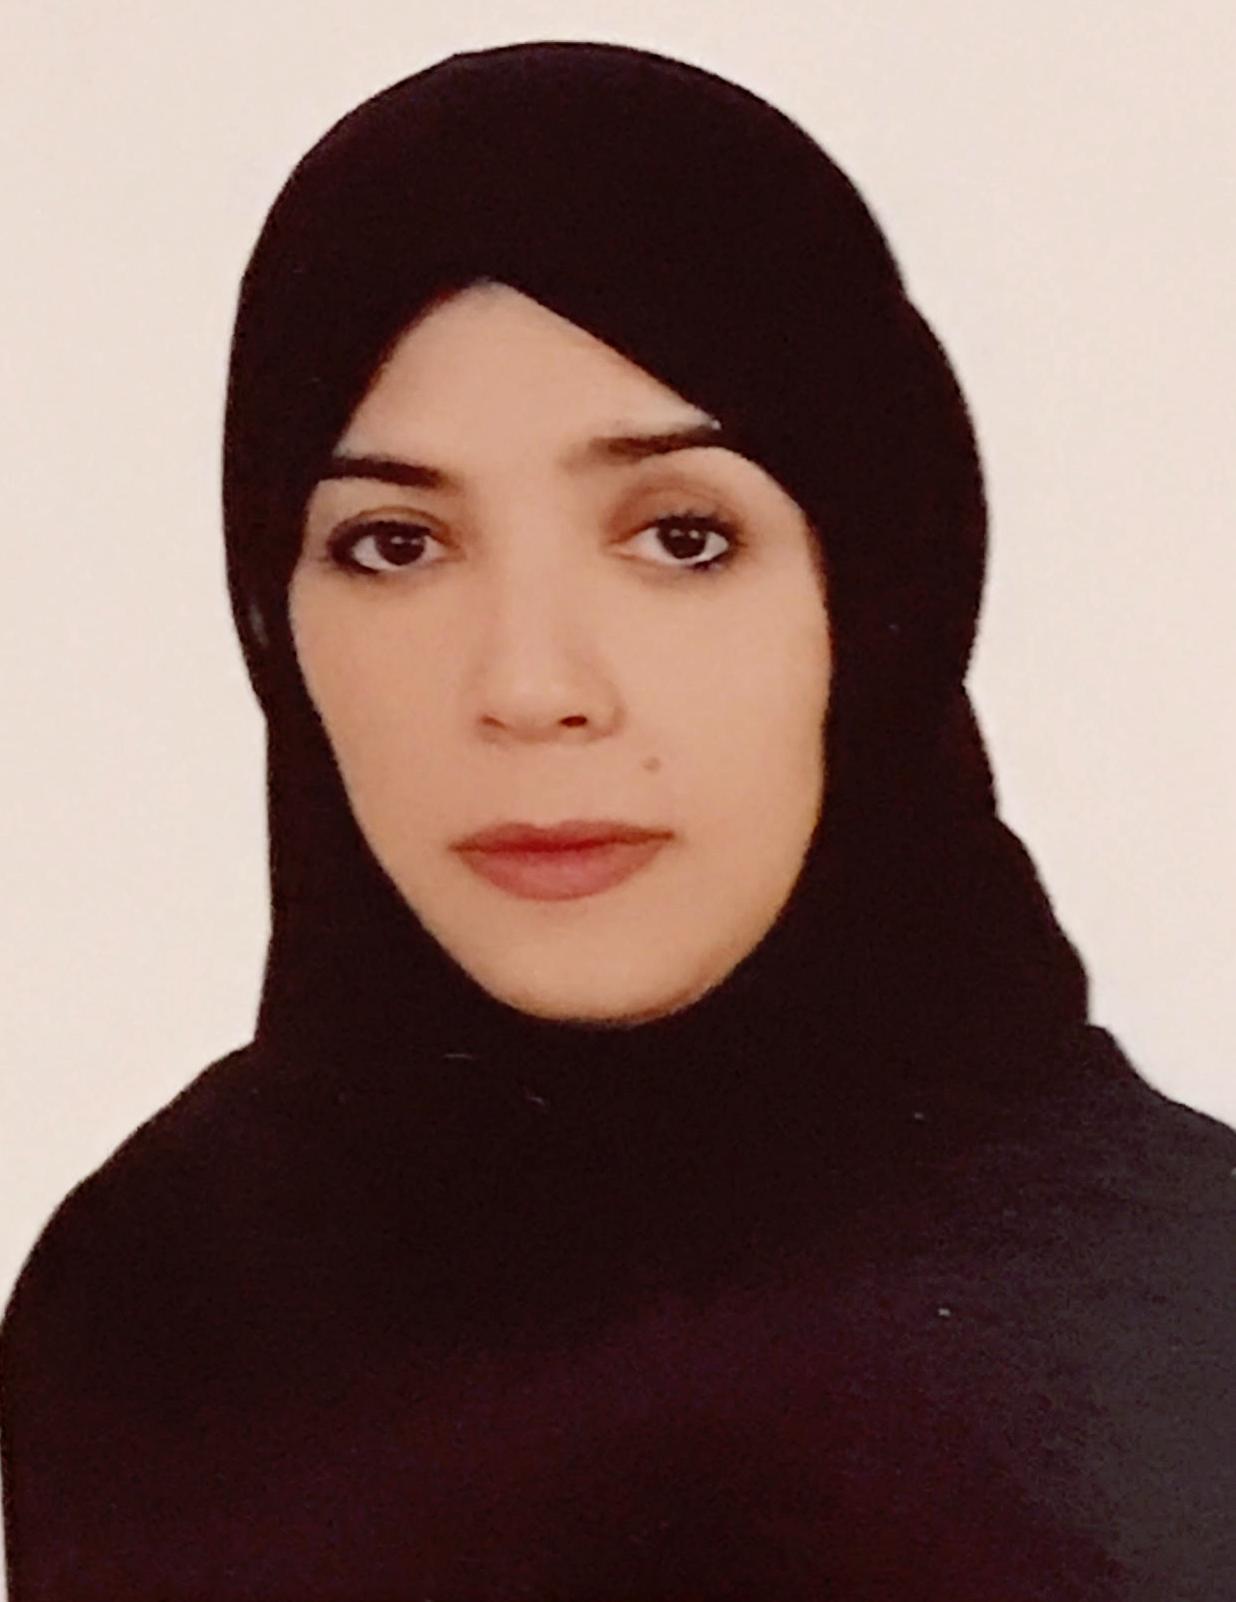 صورة جمعية الفجيرة الثقافية تطلق مبادرة واحة حواء .للمراة الاماراتية .